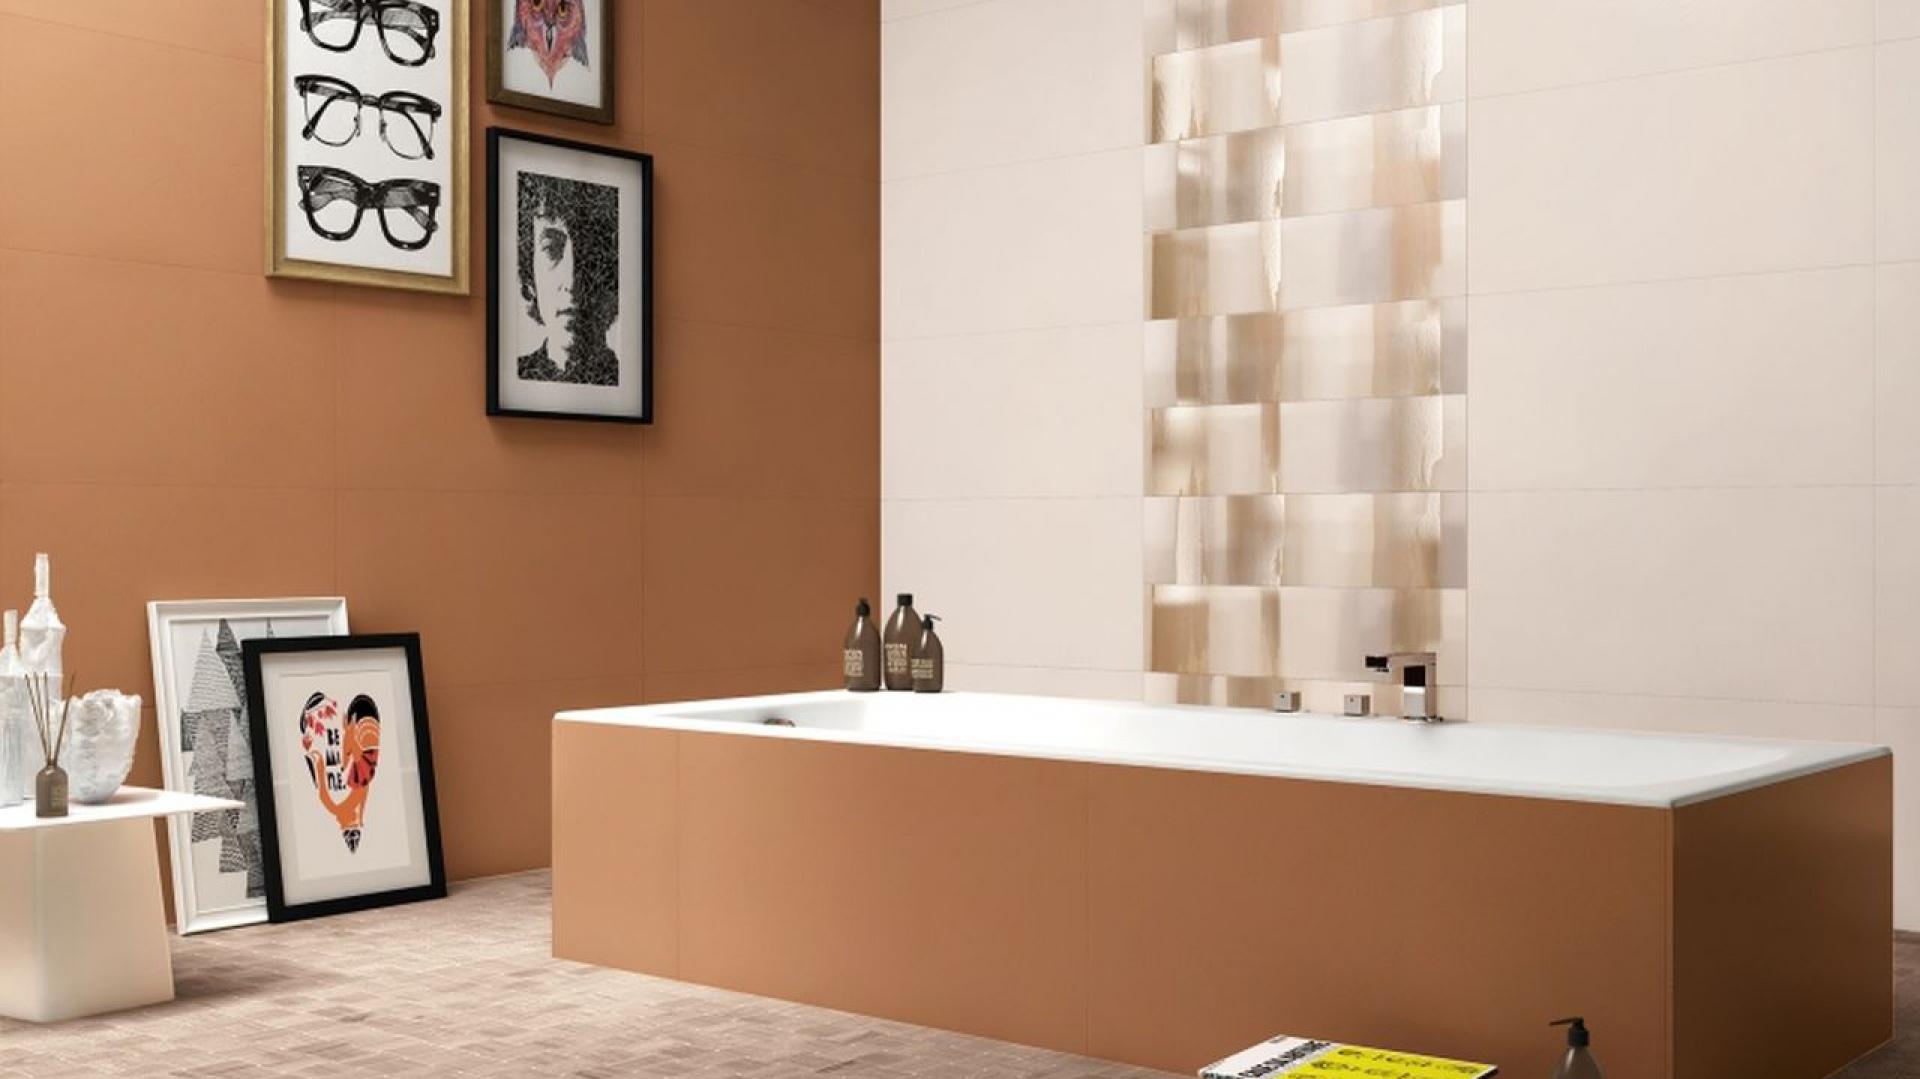 Visual Design marki Supergres to płytki w dwóch kontrastowych  kolorach i oryginalne nowoczesne dekory.  Fot. Supergres.